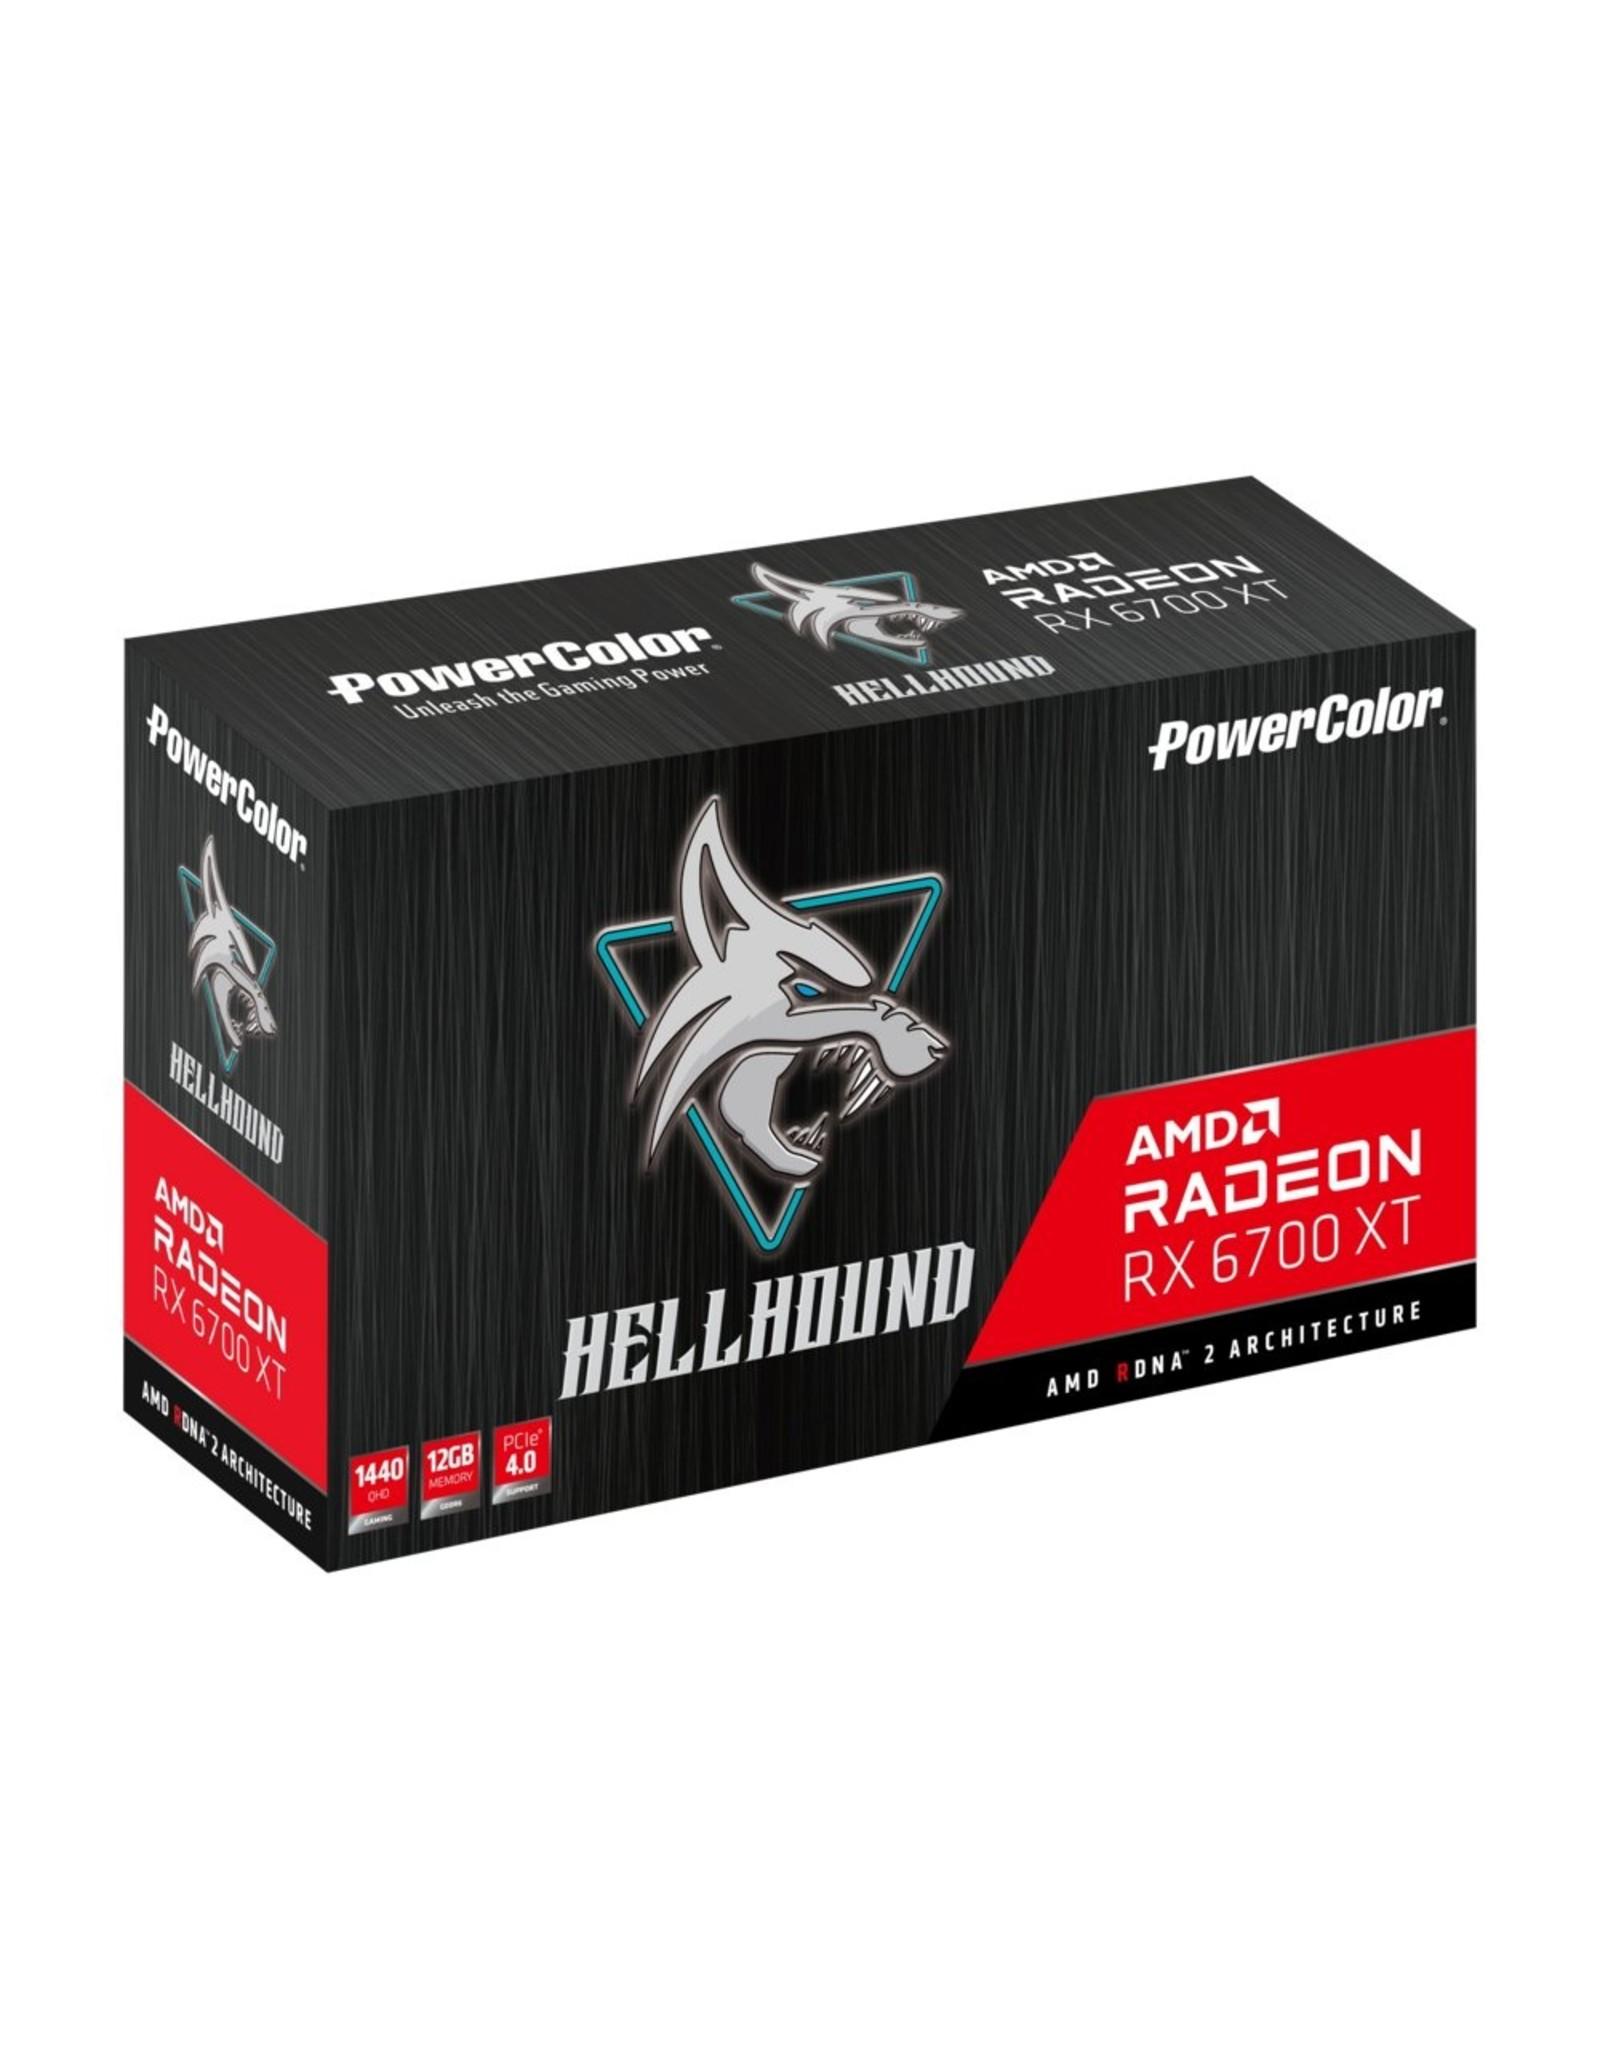 Powercolor VGA PowerColor Radeon HellHound RX 6700XT 12GB